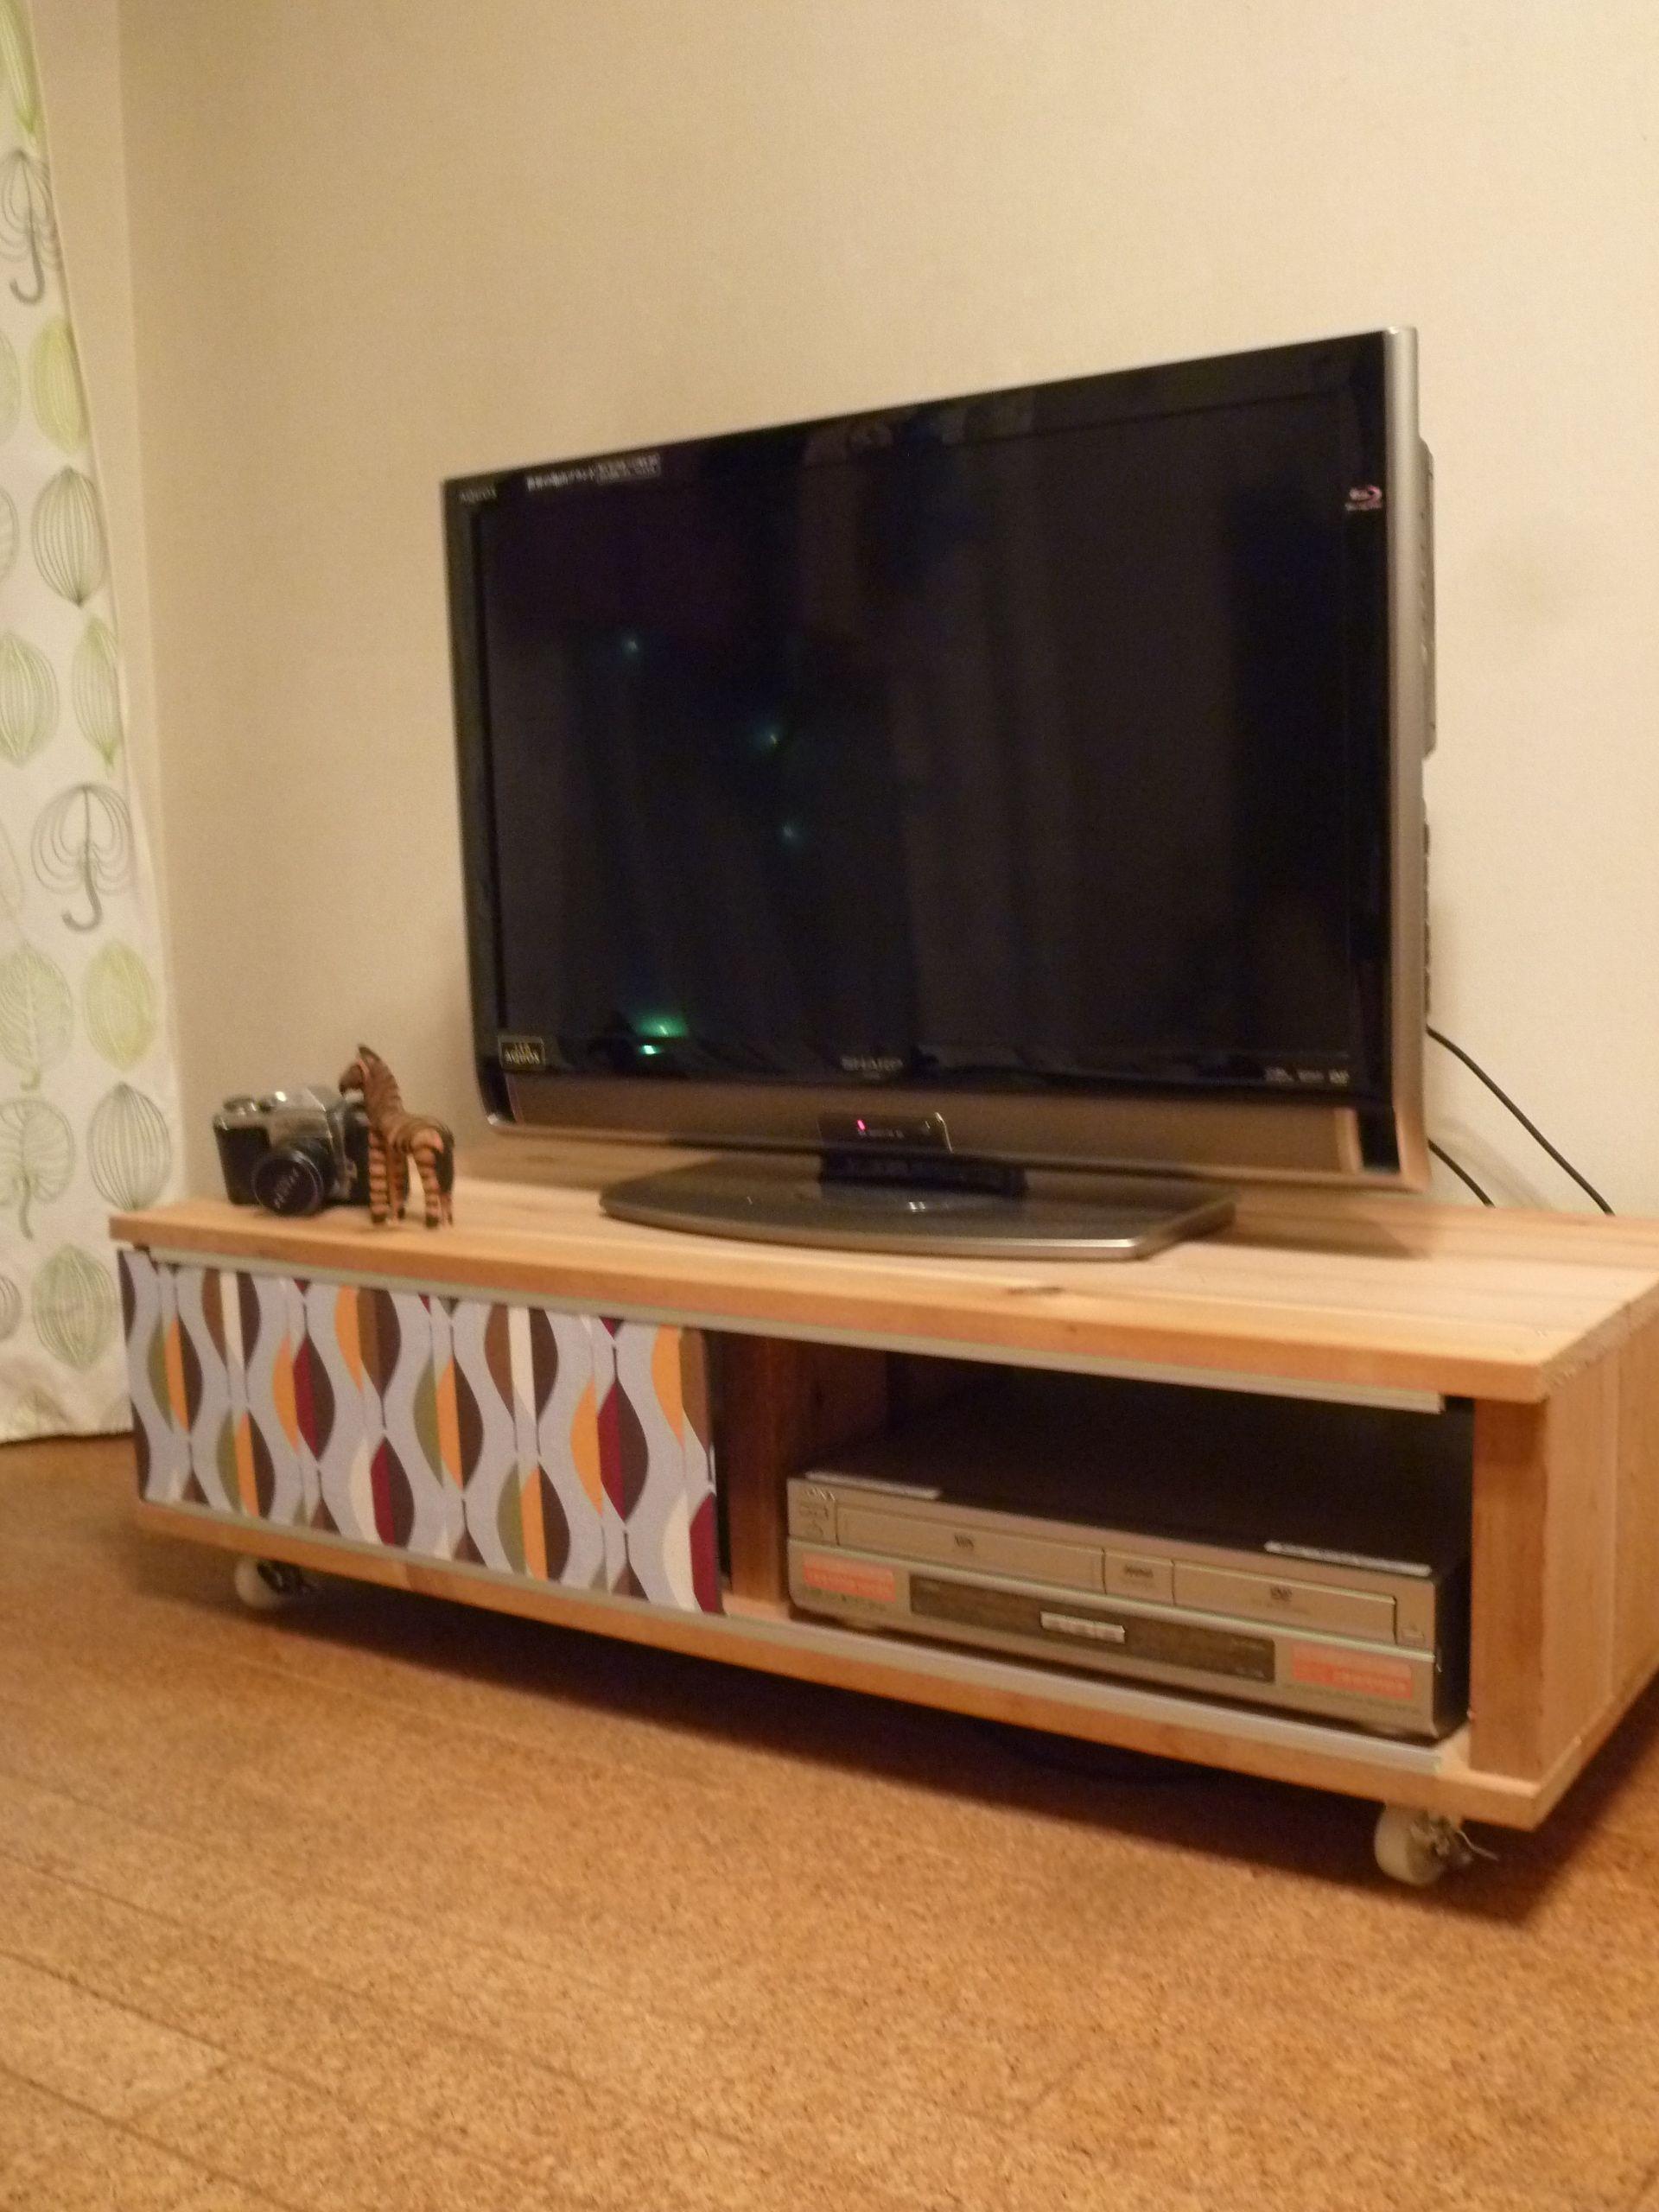 シンプルテレビボードを作ろう テレビ台のdiyを紹介 完成 テレビ台 手作り テレビボード Diy テレビ台インテリアアイデア